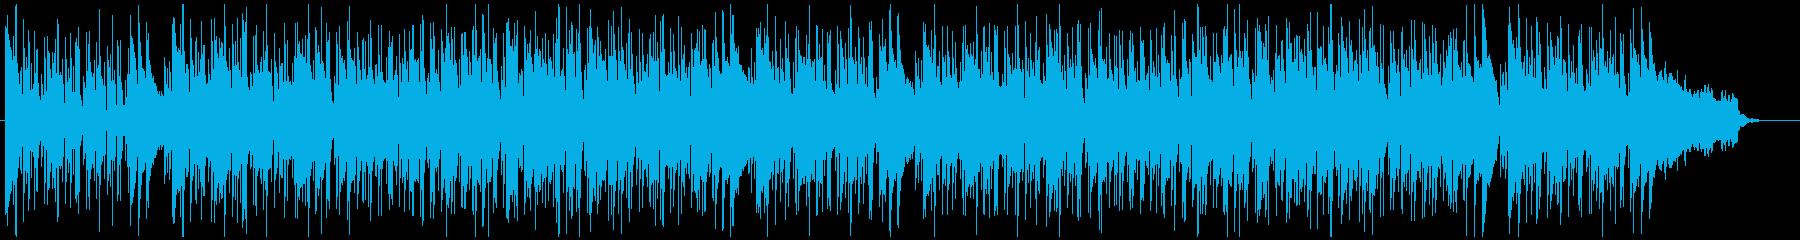 サティ、ジムノペディ第1番、ボサノヴァの再生済みの波形